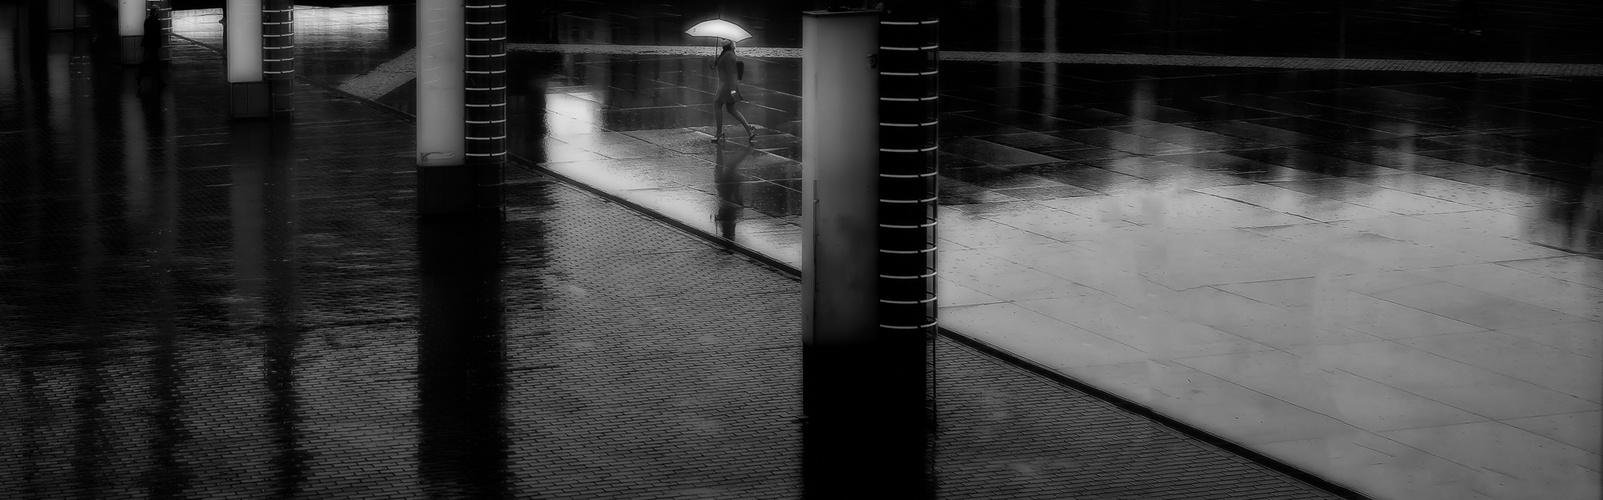 in rain between